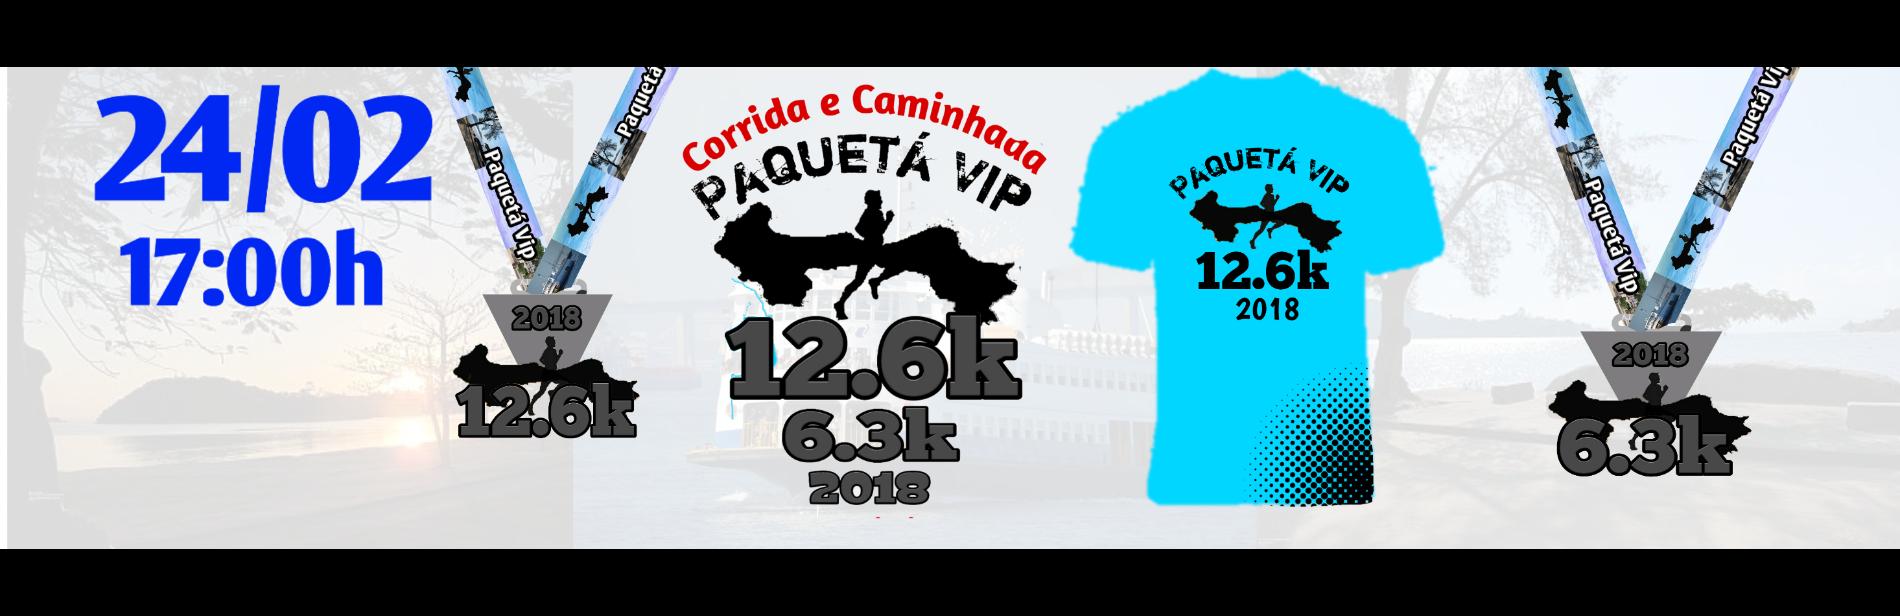 PAQUETÁ VIP 12.6K 2018